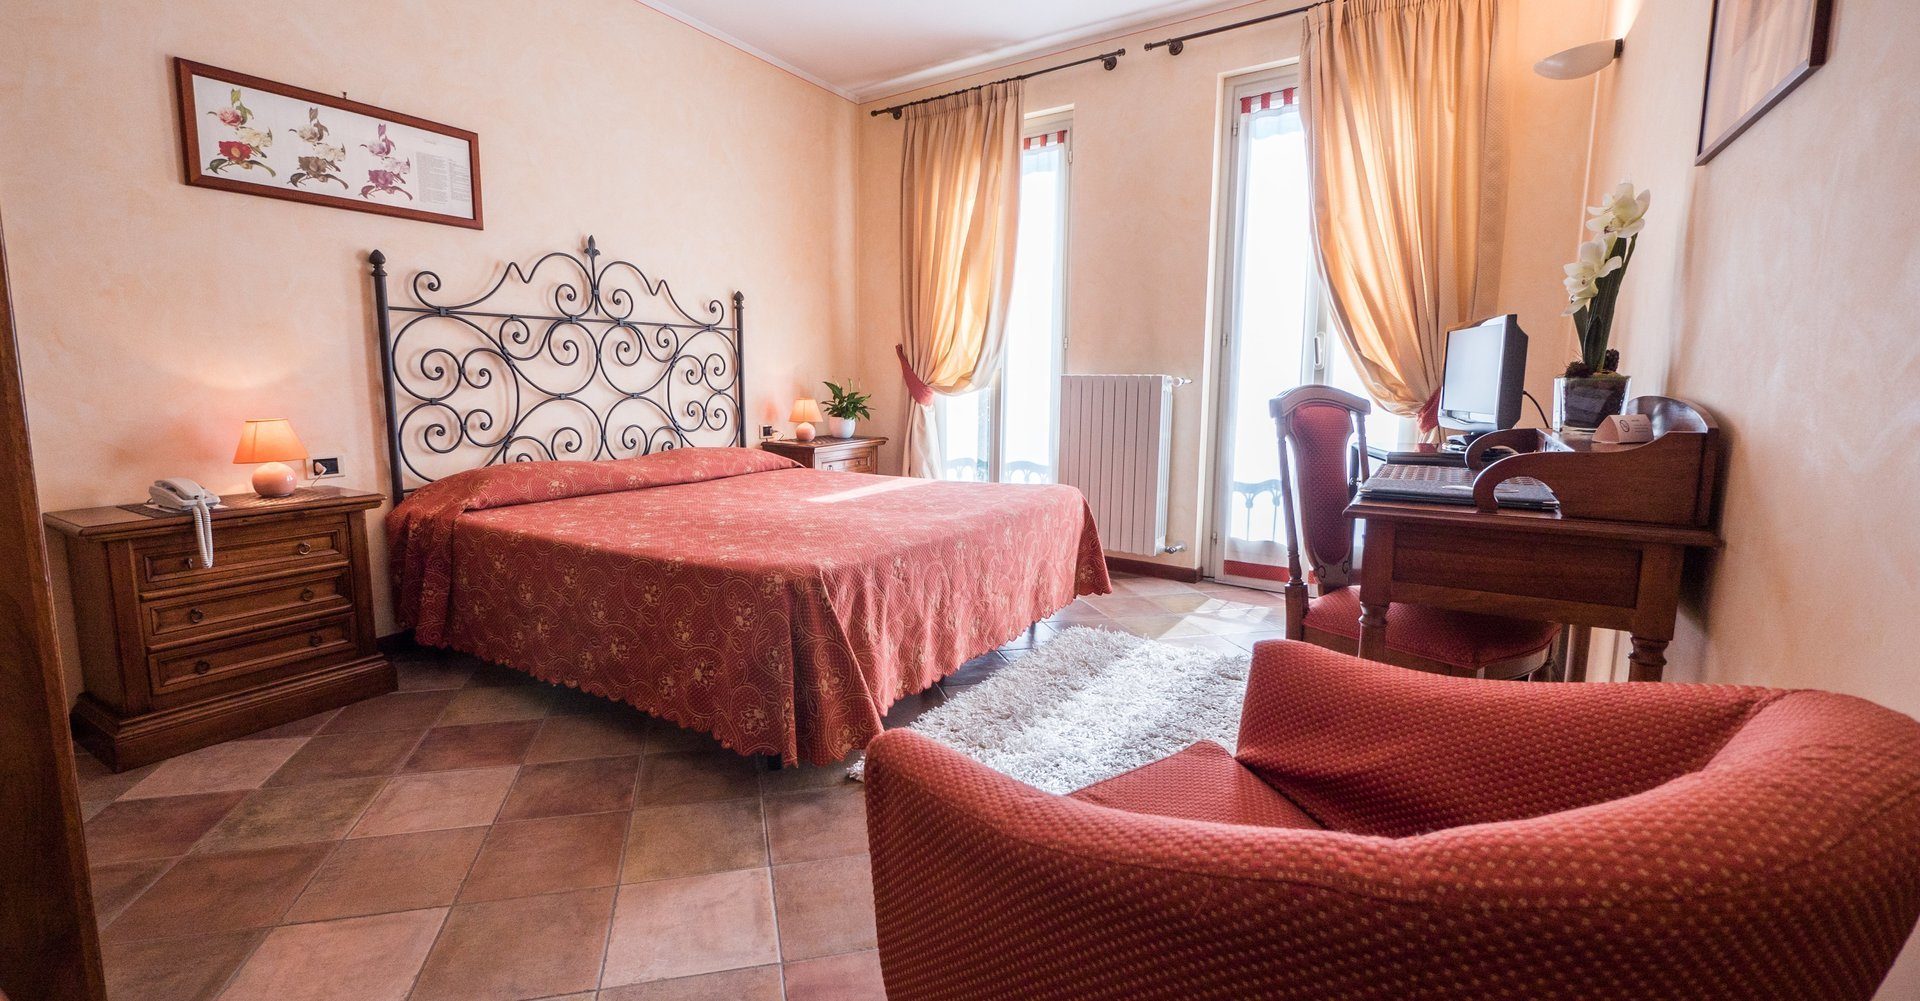 camera doppia con letto matrimoniale, poltrona e scrivania